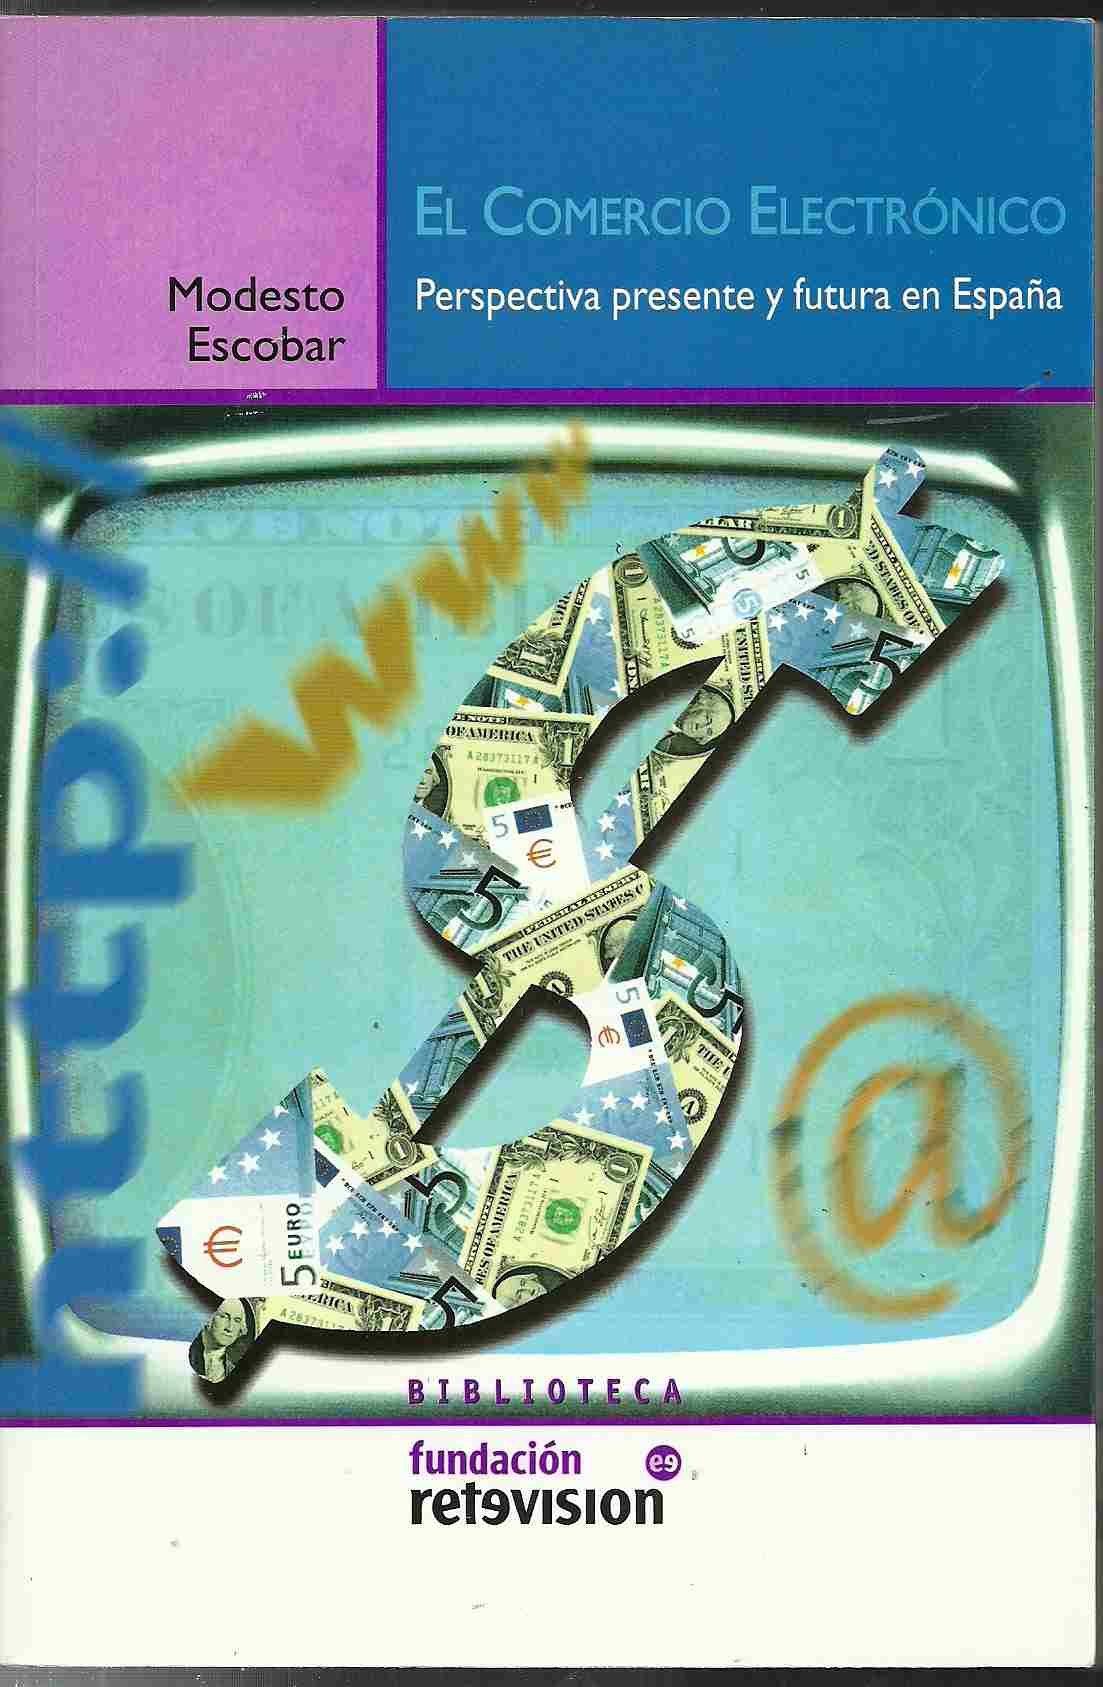 COMERCIO ELECTRONICO, EL. PERSPECTIVA PRESENTE Y FUTURO DE ESPAÑA: Amazon.es: ESCOBAR, MODESTO: Libros